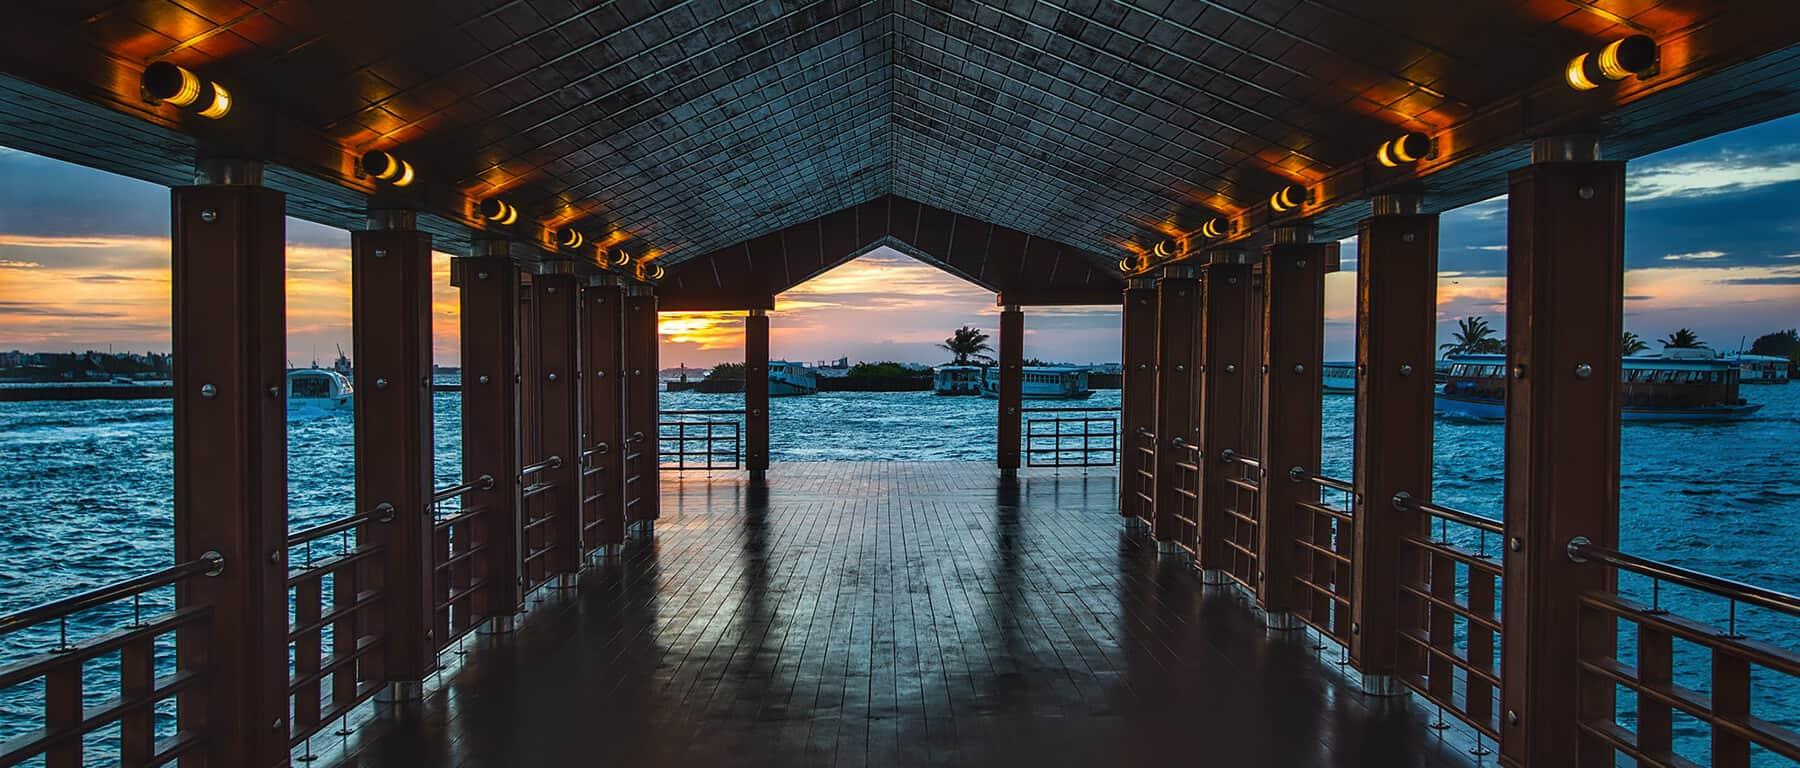 mare e relax - viaggio di nozze 2018